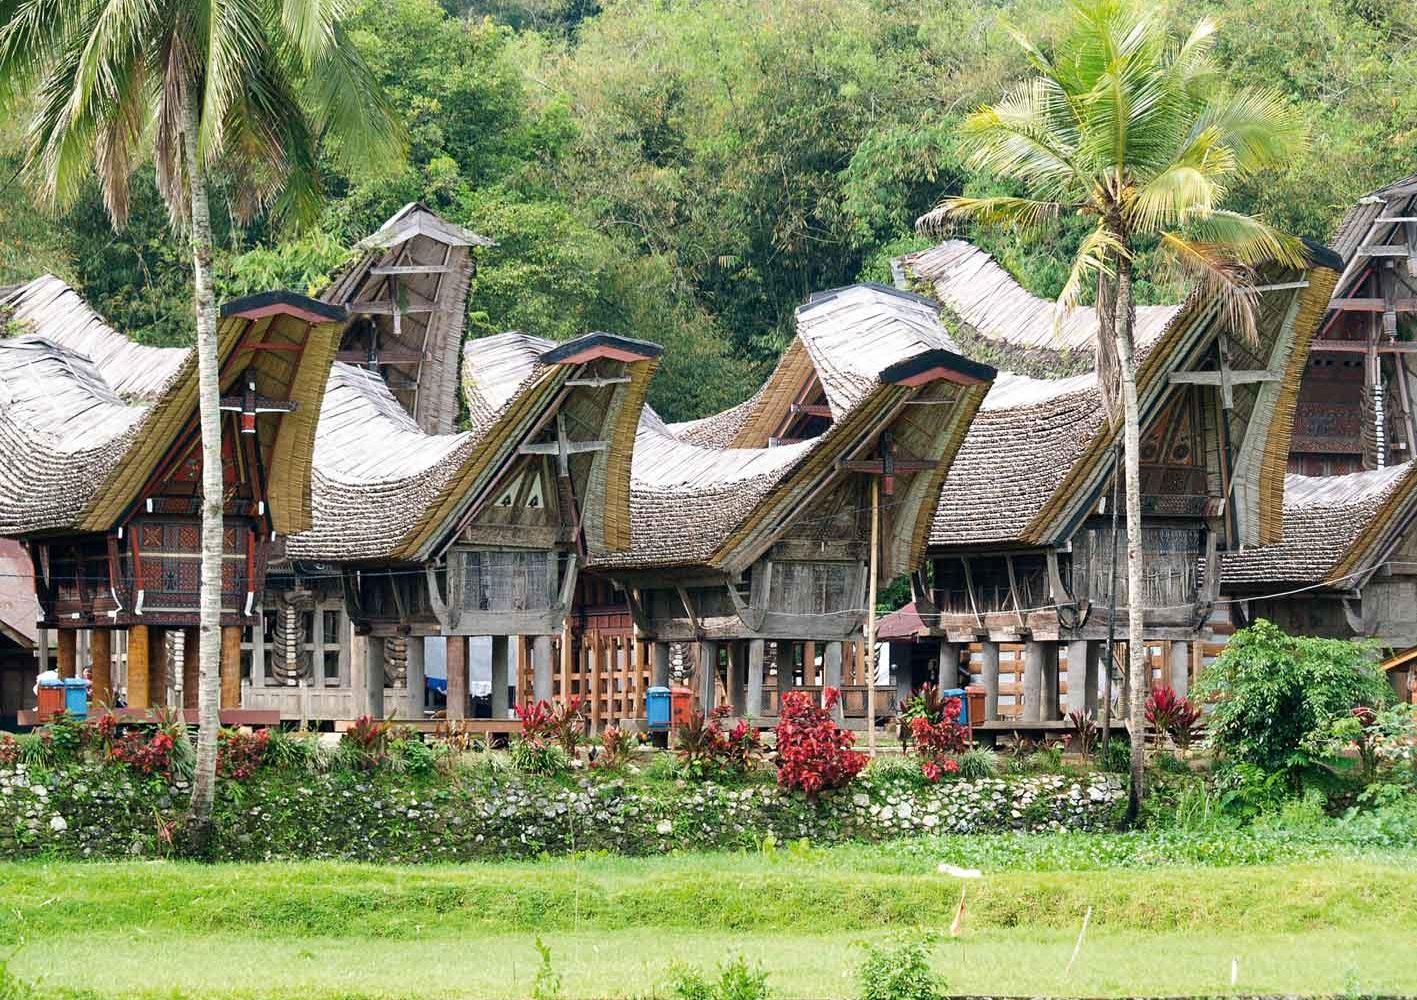 Typische Häuser im Toraja-Land, Indonesien